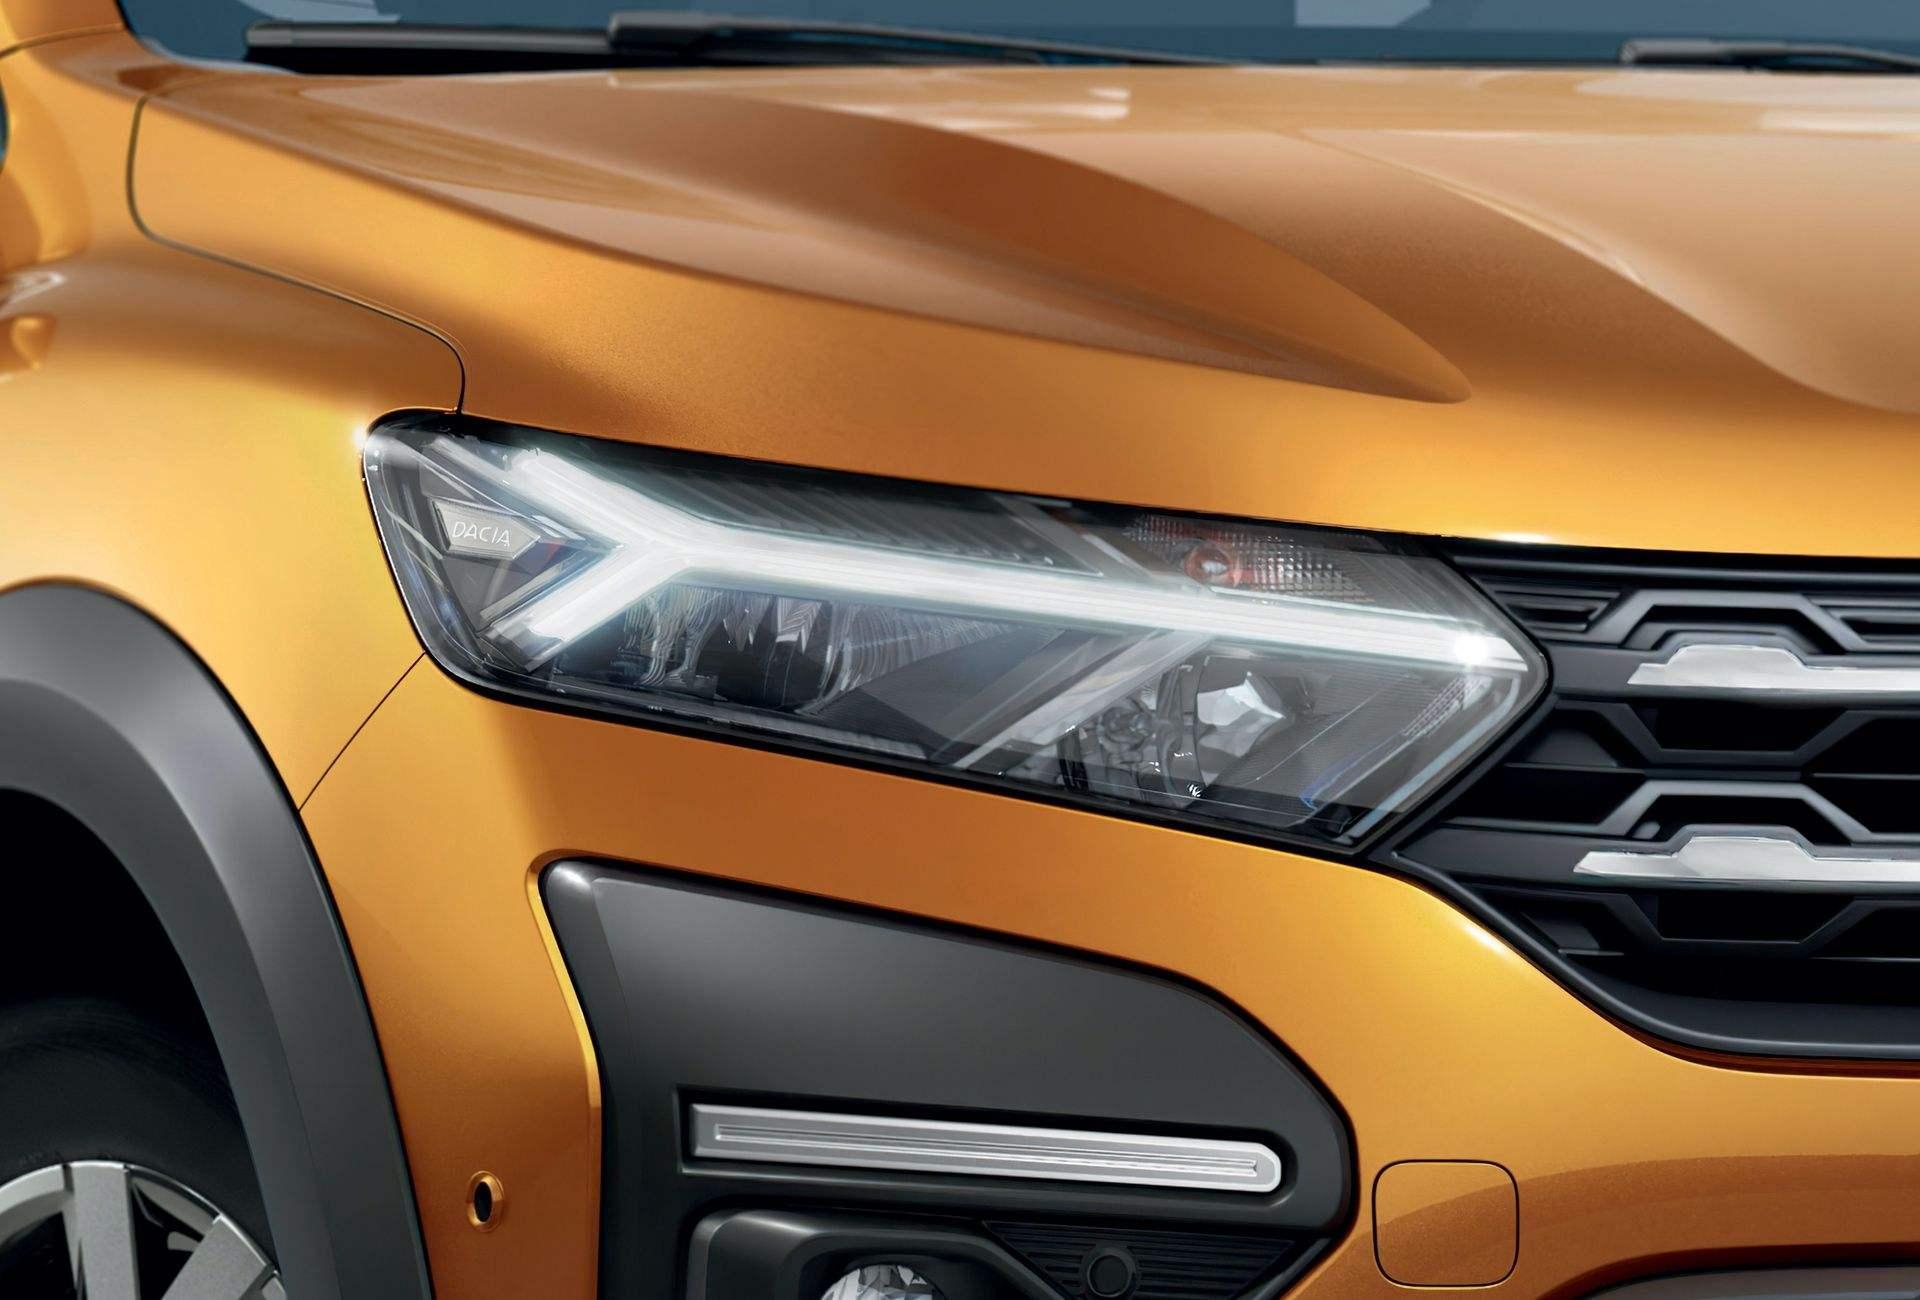 2020_Dacia_Sandero_Stepway_0009